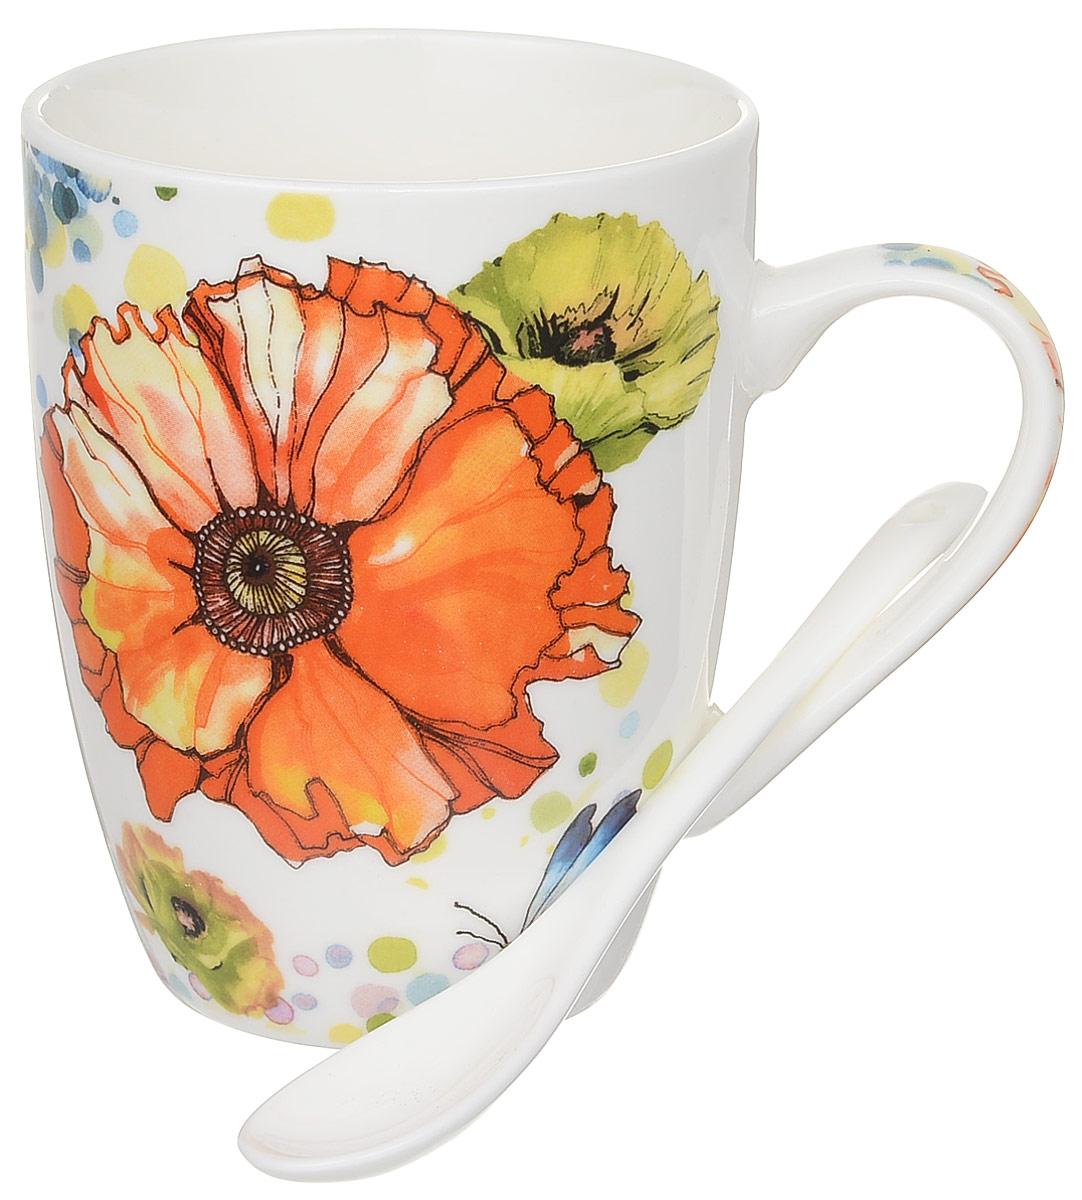 Кружка Доляна Акварель, с ложкой, цвет: оранжевый, 300 мл836384_оранжевыйКружка Доляна Акварель изготовлена из высококачественной керамики. Изделие оформлено красочным рисунком и покрыто превосходной сверкающей глазурью. Изысканная кружка прекрасно оформит стол к чаепитию и станет его неизменным атрибутом.В комплект входит чайная ложка.Диаметр кружки (по верхнему краю): 8,2 см.Высота кружки: 10,5 см.Длина ложки: 10 см.Размер рабочей части ложки: 4 х 2,5 см.